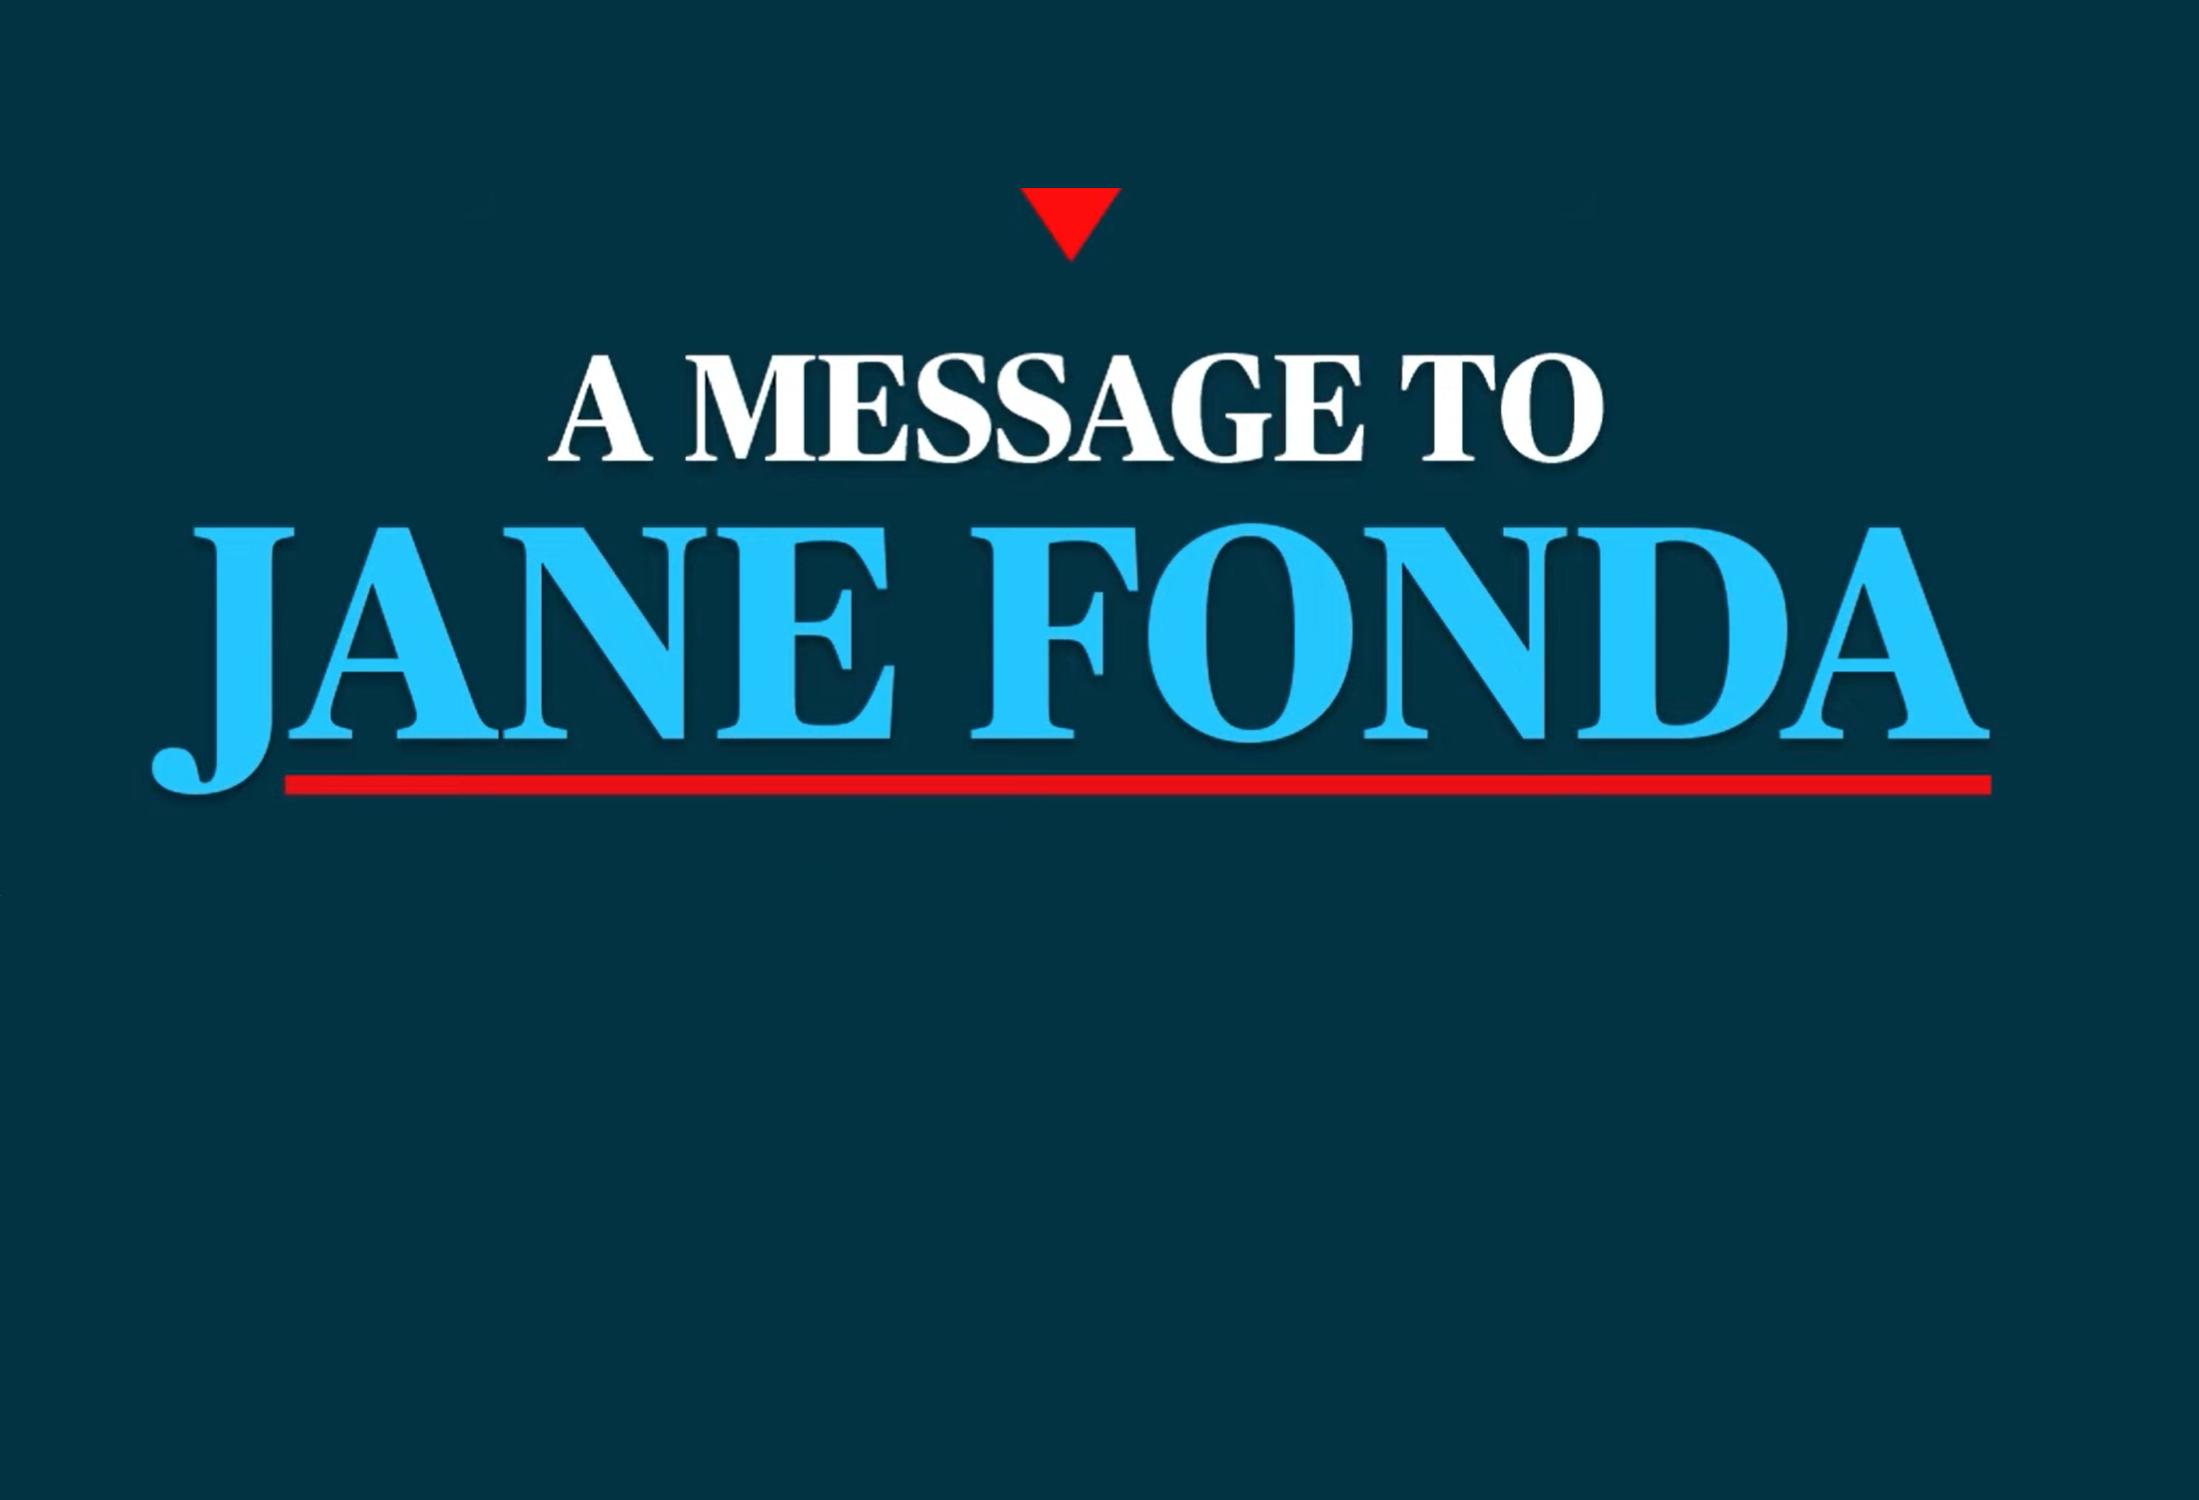 Open Letter to Jane Fonda